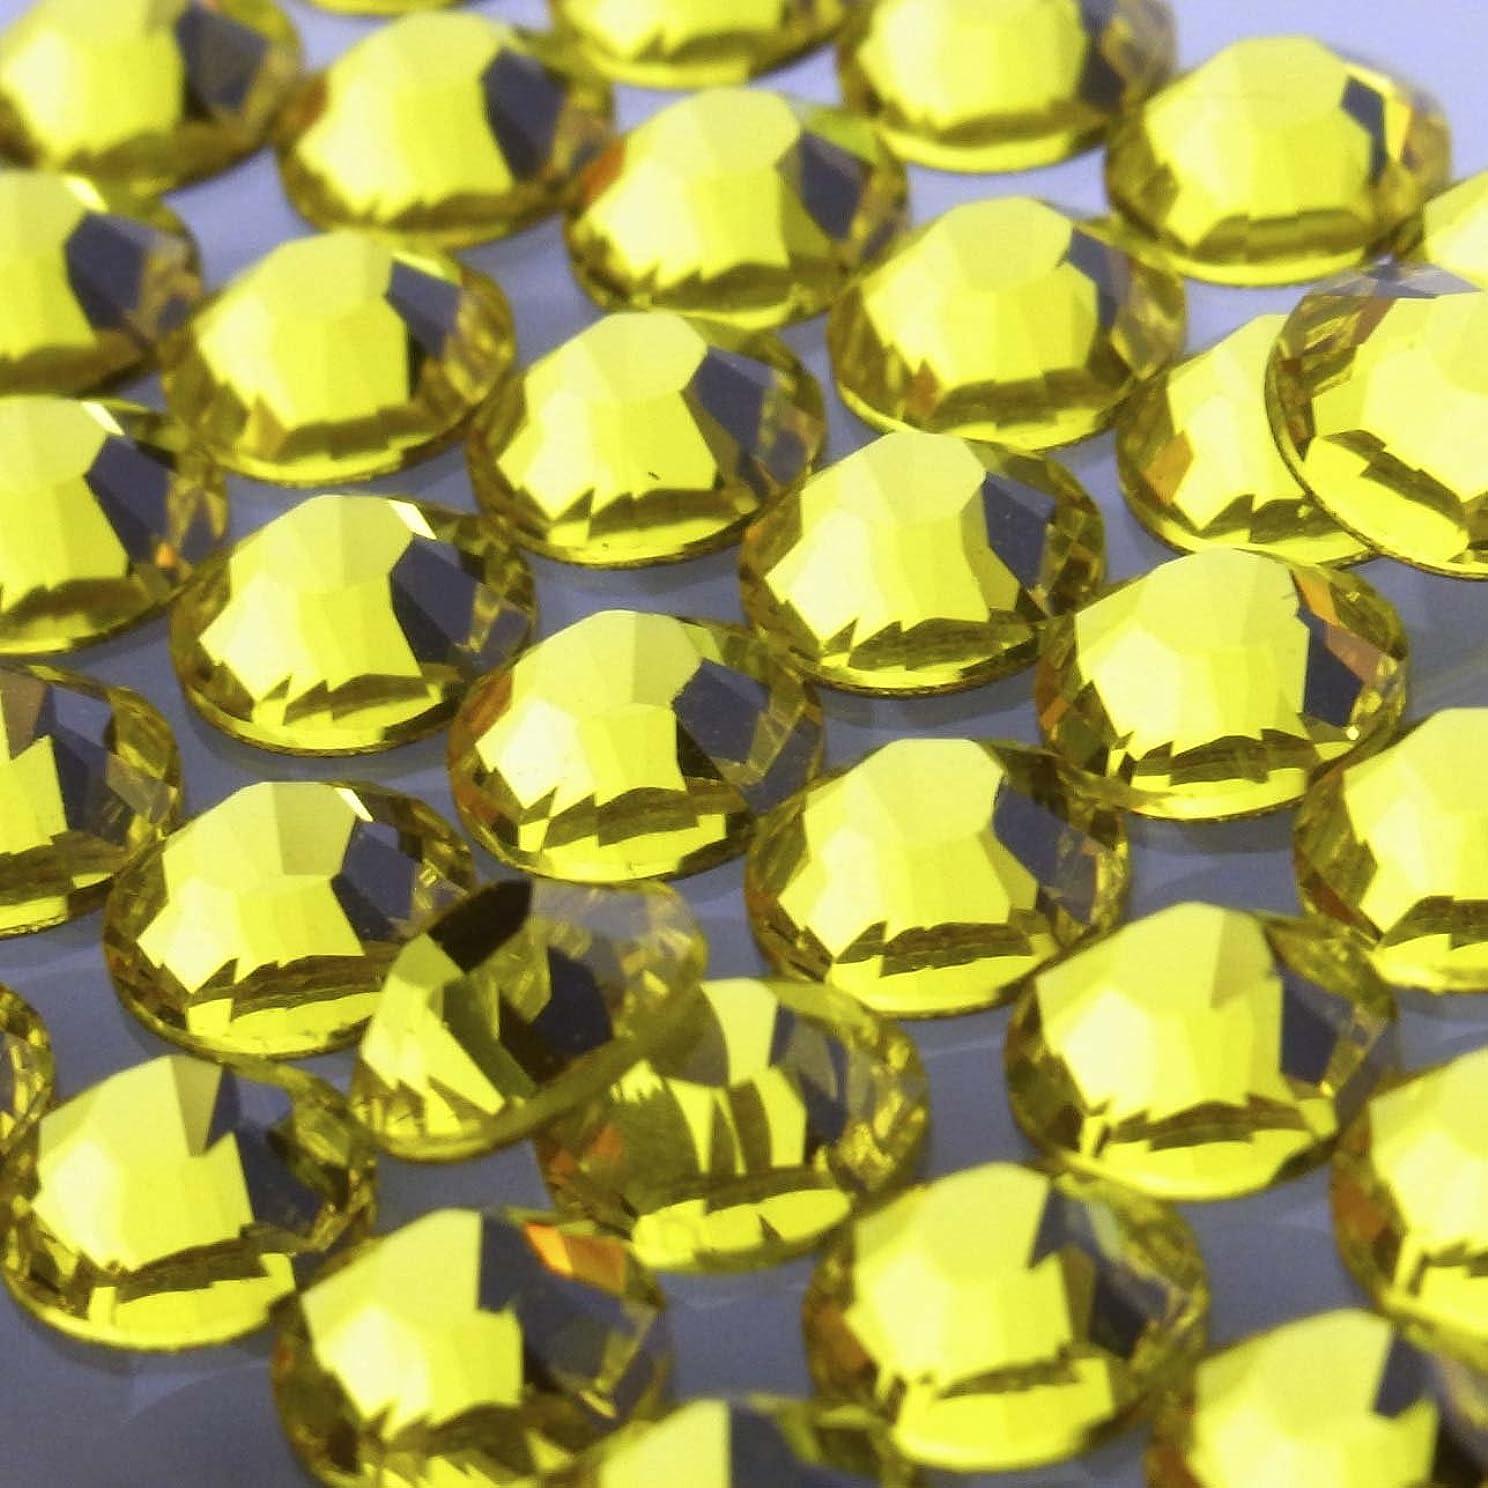 の配列揮発性君主制Hotfixシトリンss10(100粒入り)スワロフスキーラインストーンホットフィックス